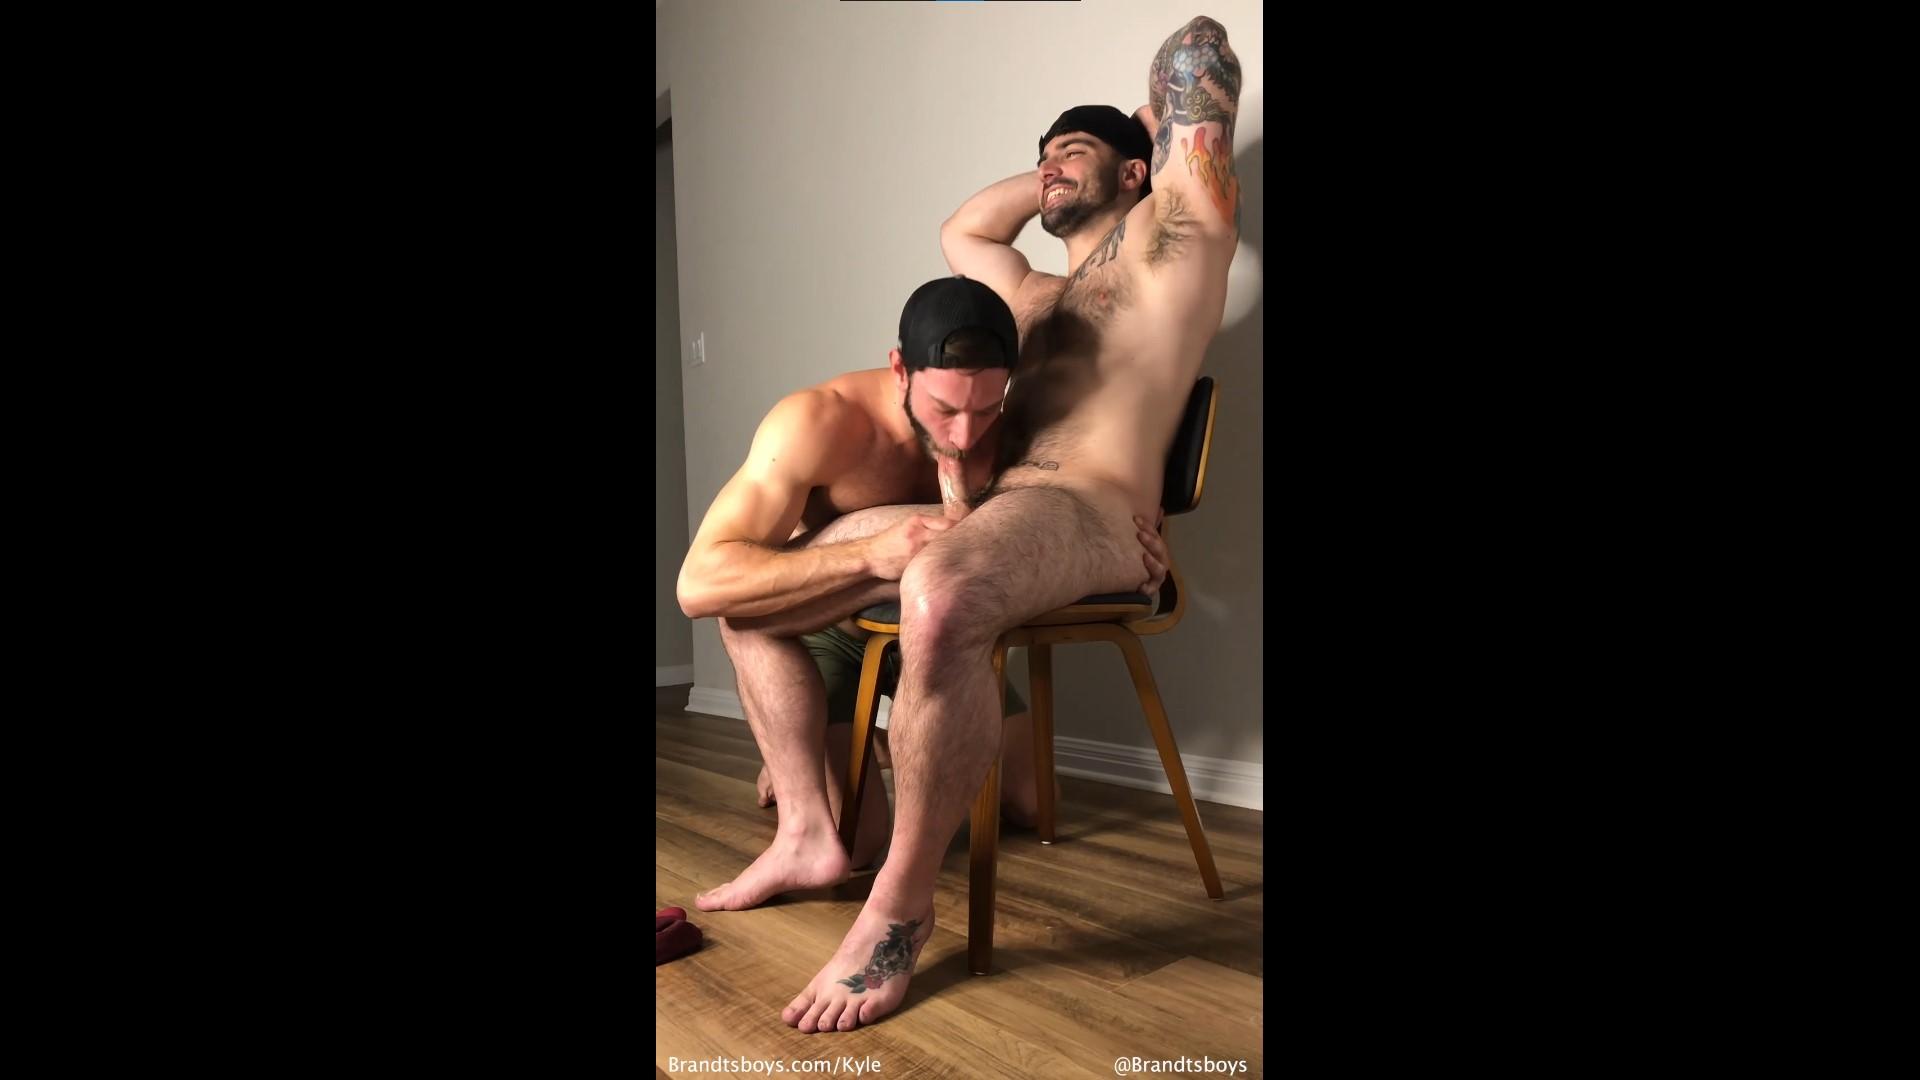 Kyle worships Jordans body and gives him a blowjob - JordanxBrandt - KylexBrandt